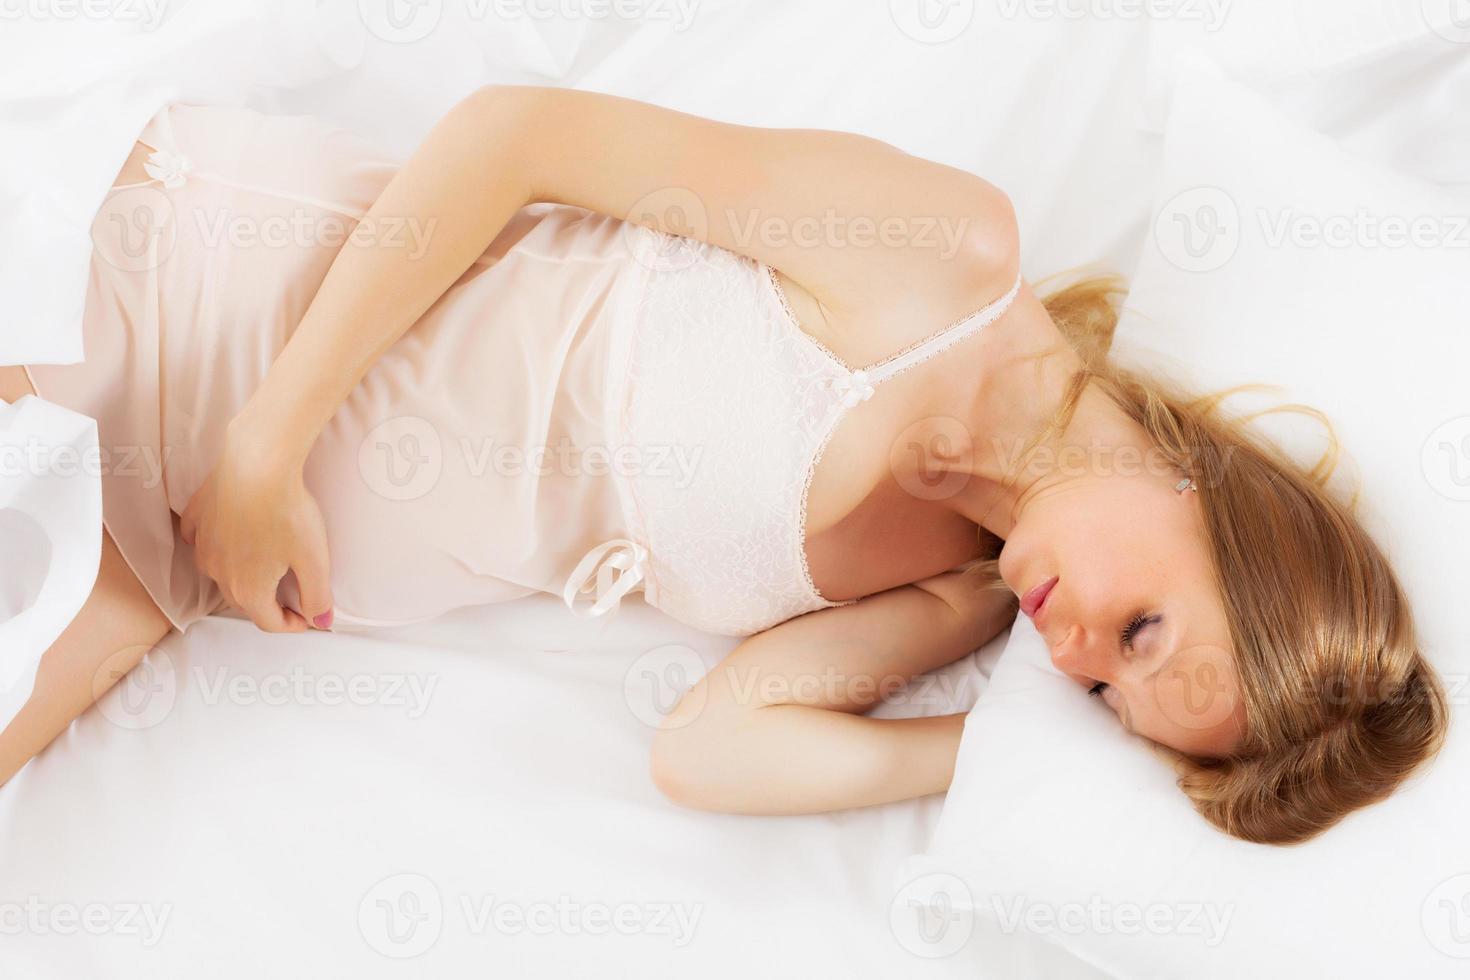 pregnant woman sleeping on white sheet photo